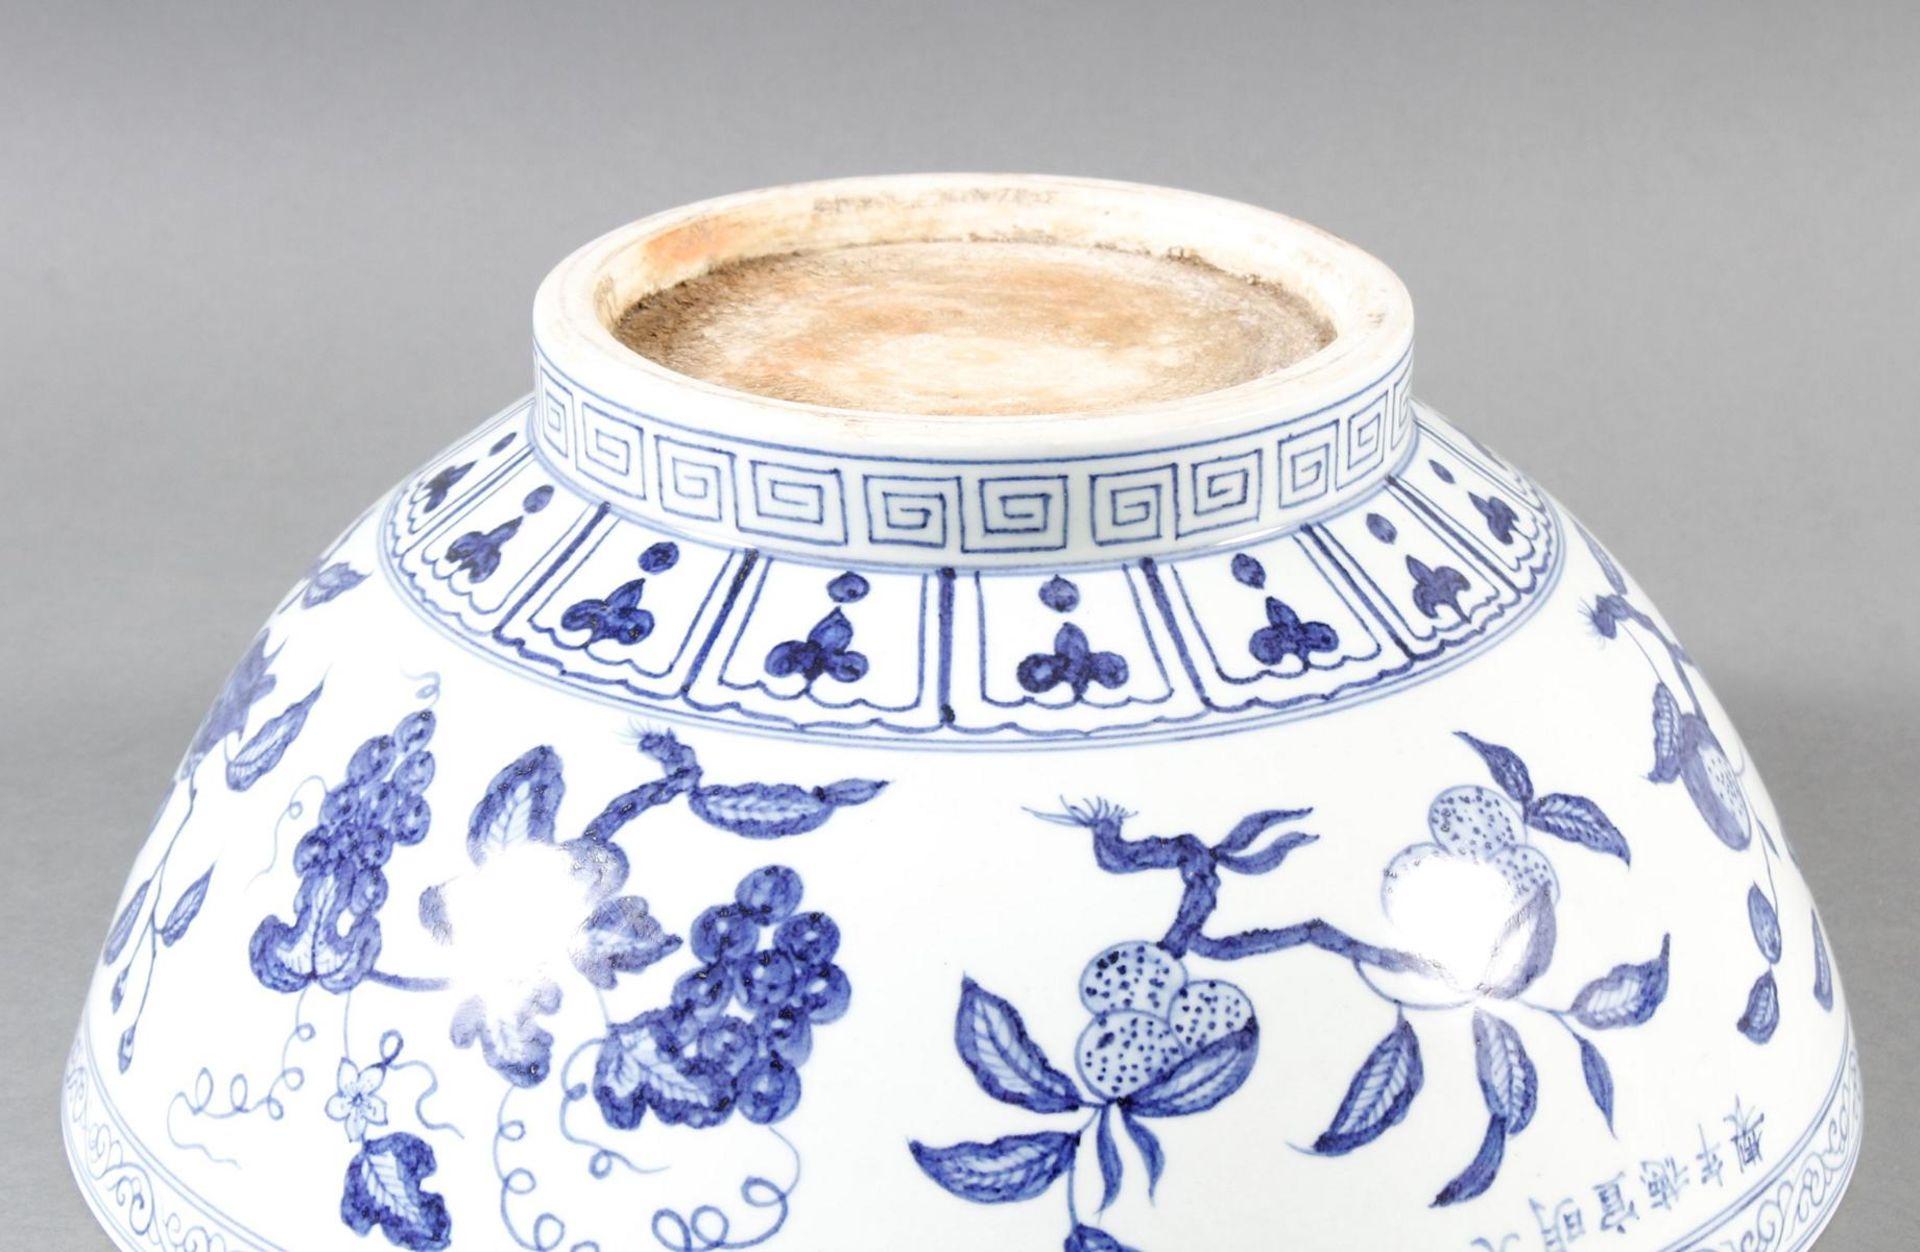 Große Porzellanschüssel, China, Hsüan-tê Marke - Bild 9 aus 17